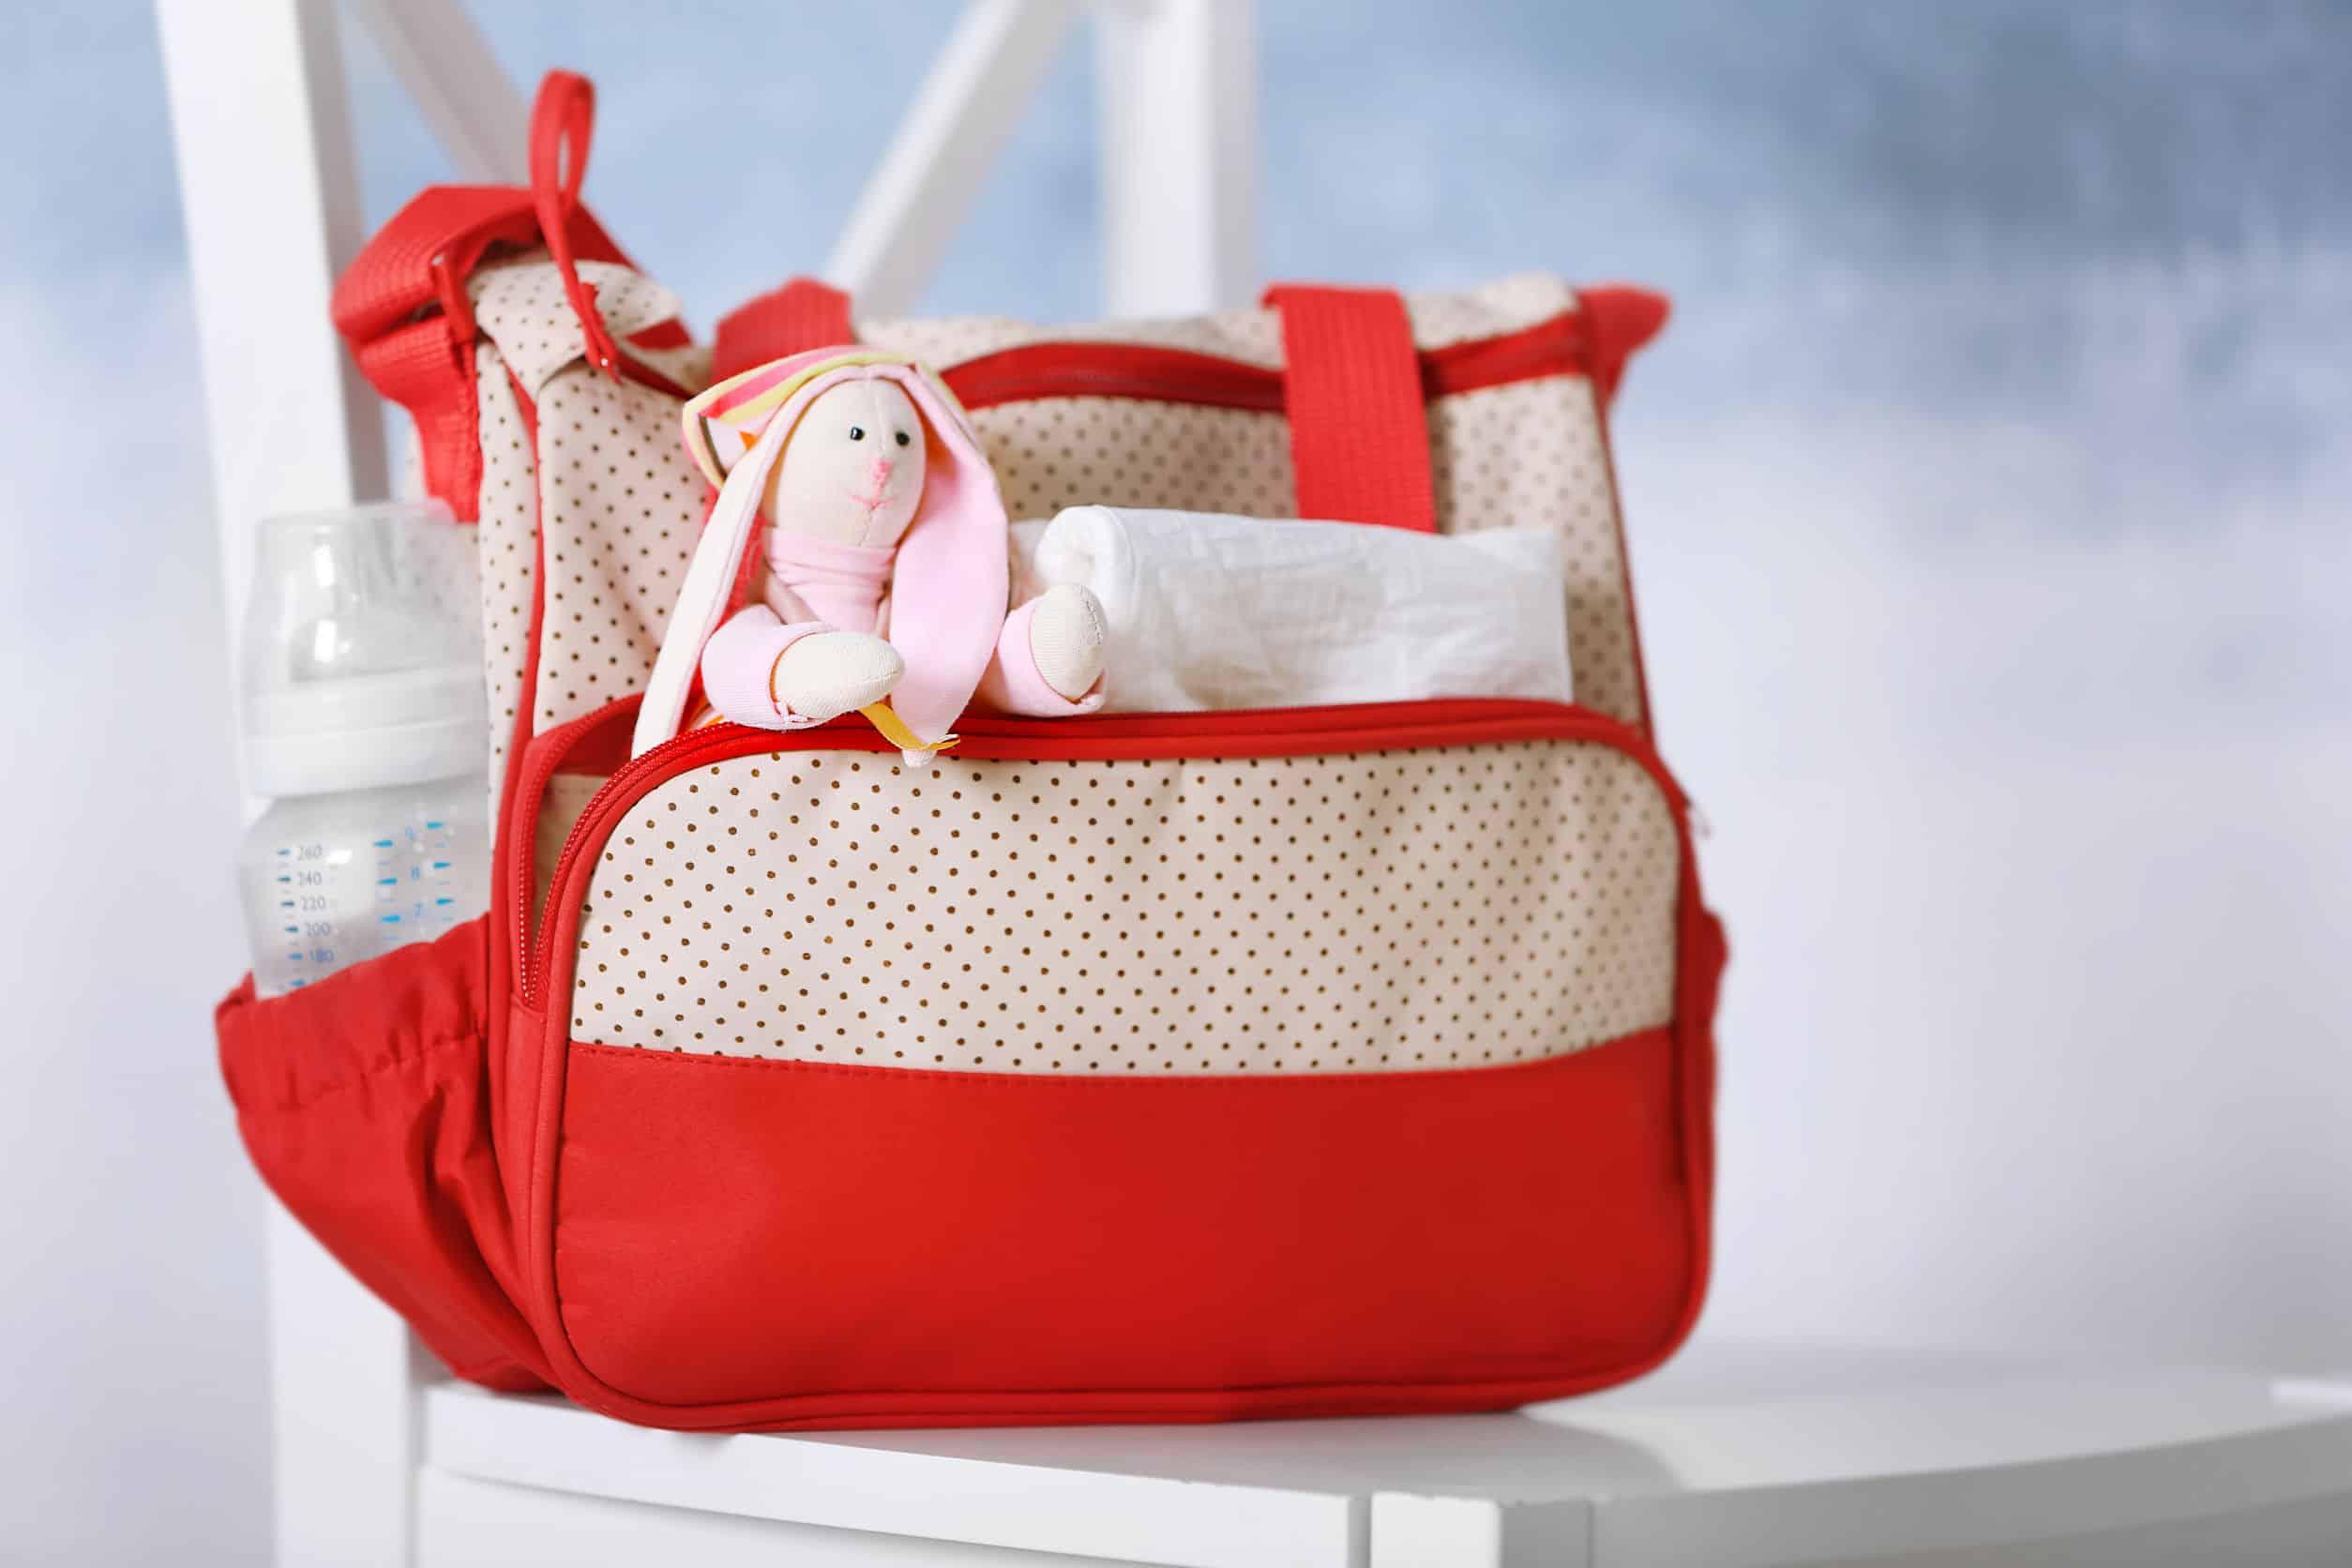 Bolsa maternidade: Como escolher a melhor em 2020?